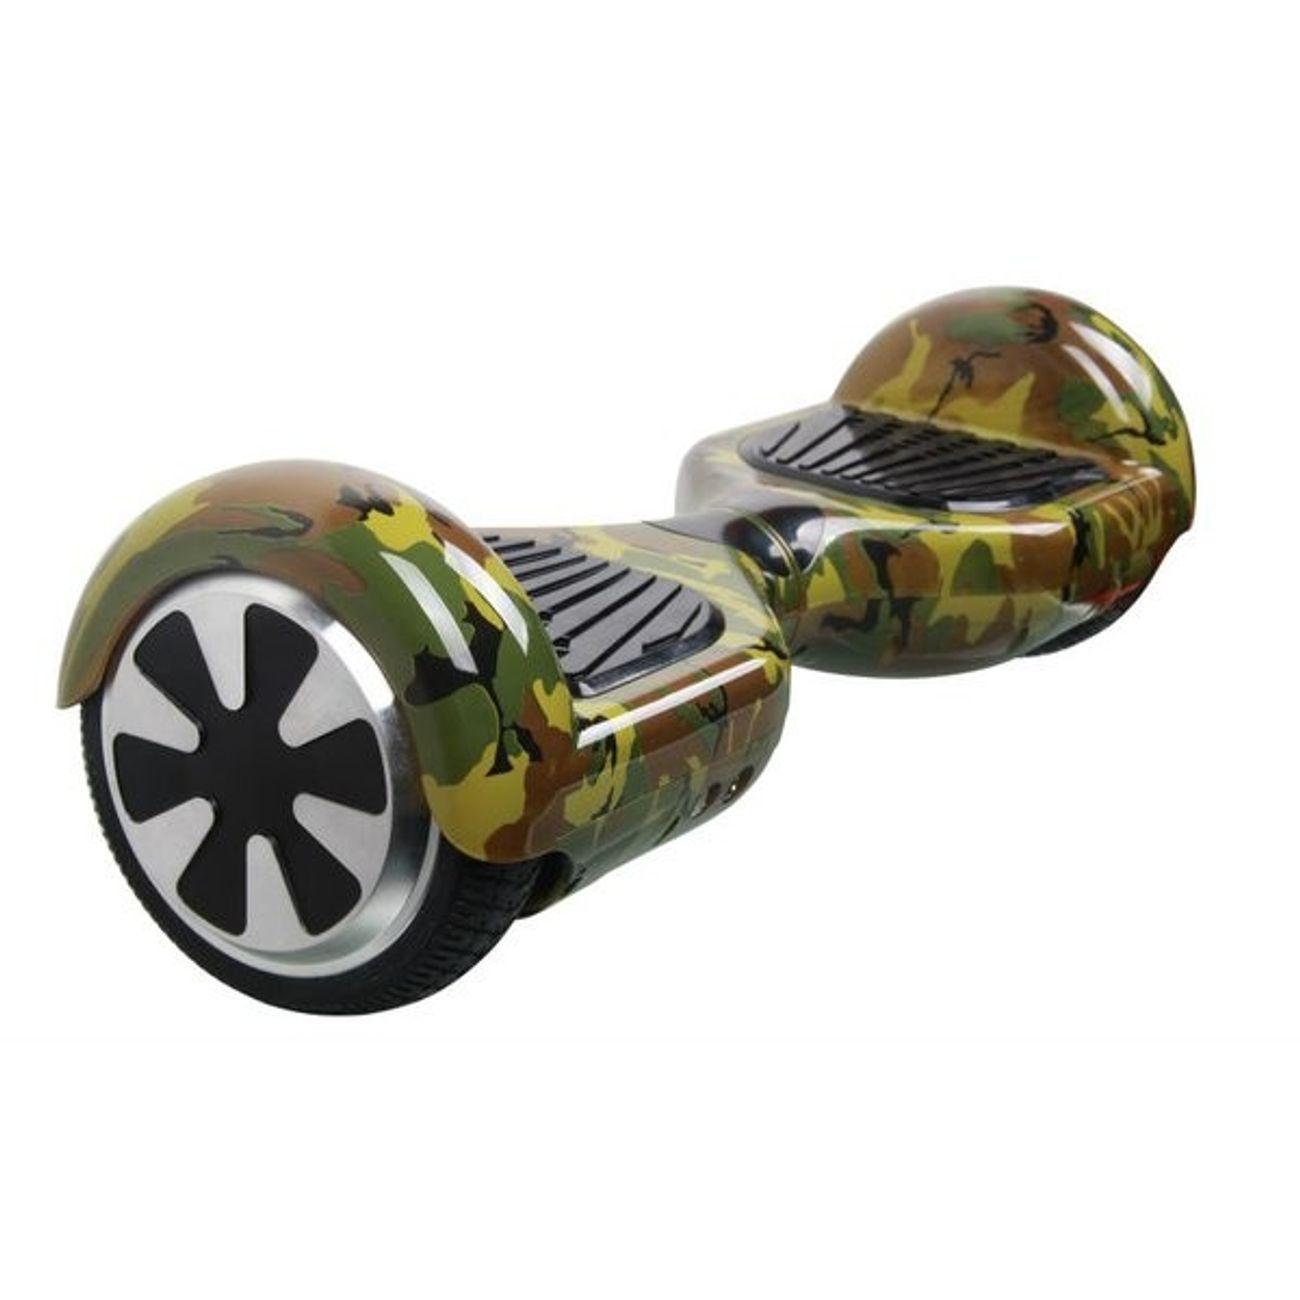 Glisse urbaine  AIR RISE Hoverboard 6,5 Pouces Camouflage Bluetooth+ sac de transport+ télécommande